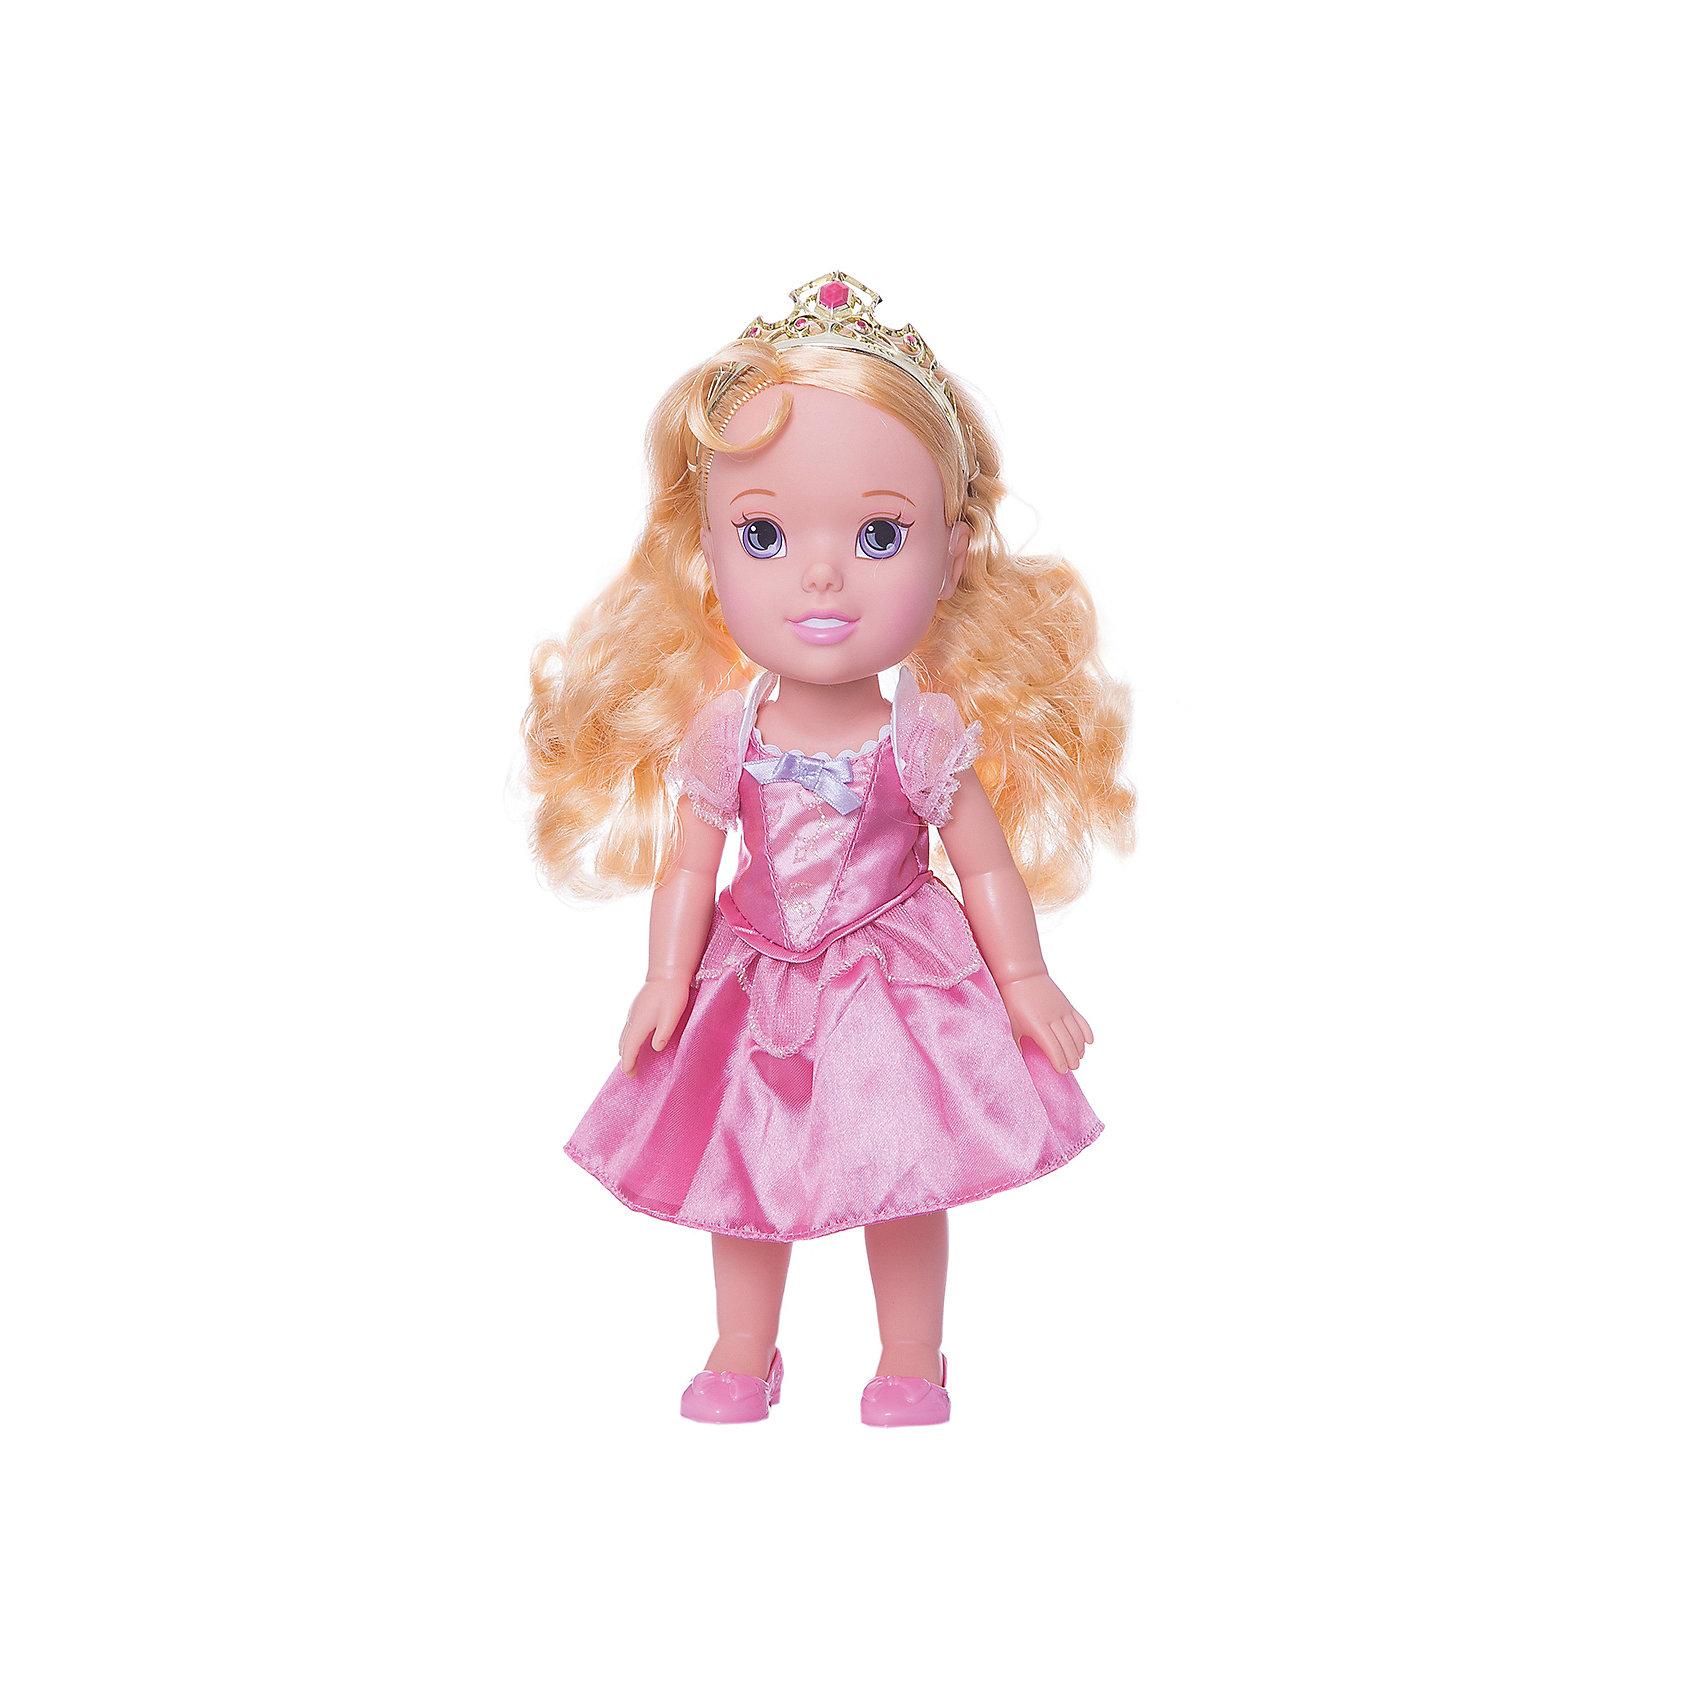 Jakks Pacific Кукла-малышка Принцессы Диснея Аврора, 31 см. hasbro кукла рапунцель принцессы дисней